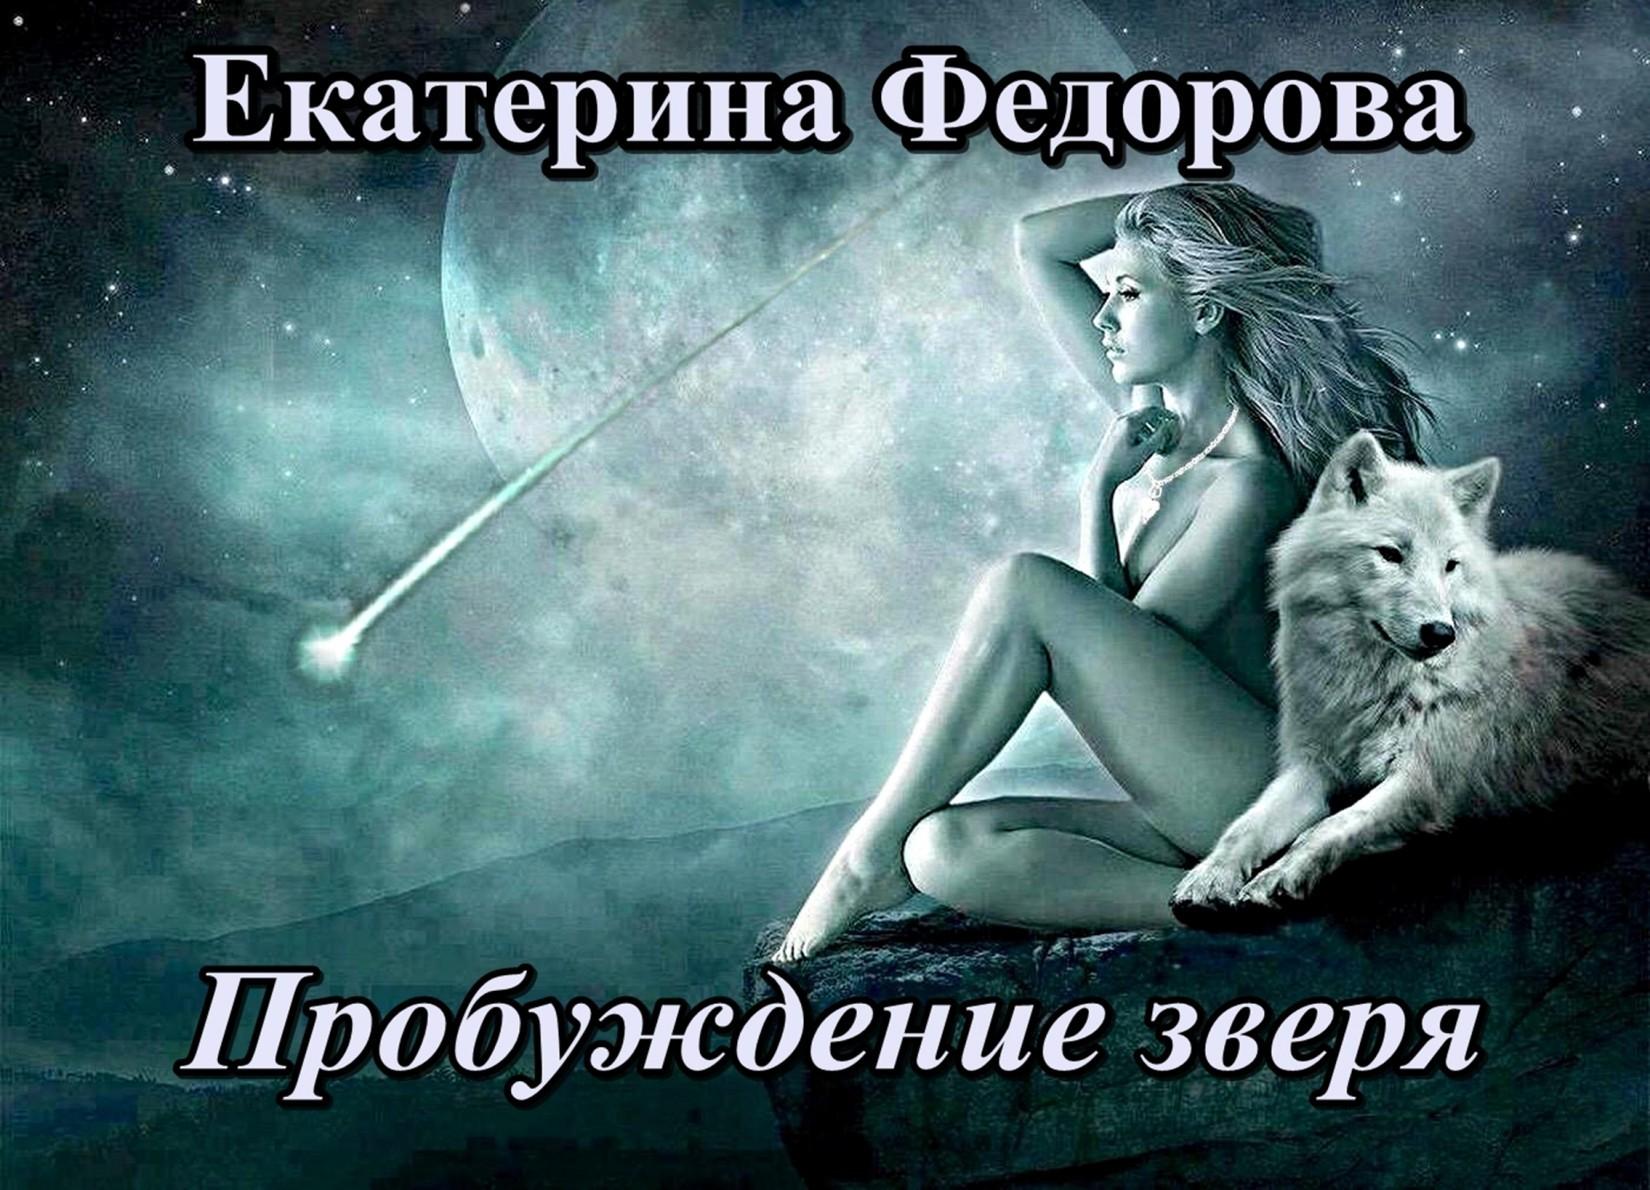 Екатерина Федорова «Пробуждение зверя»